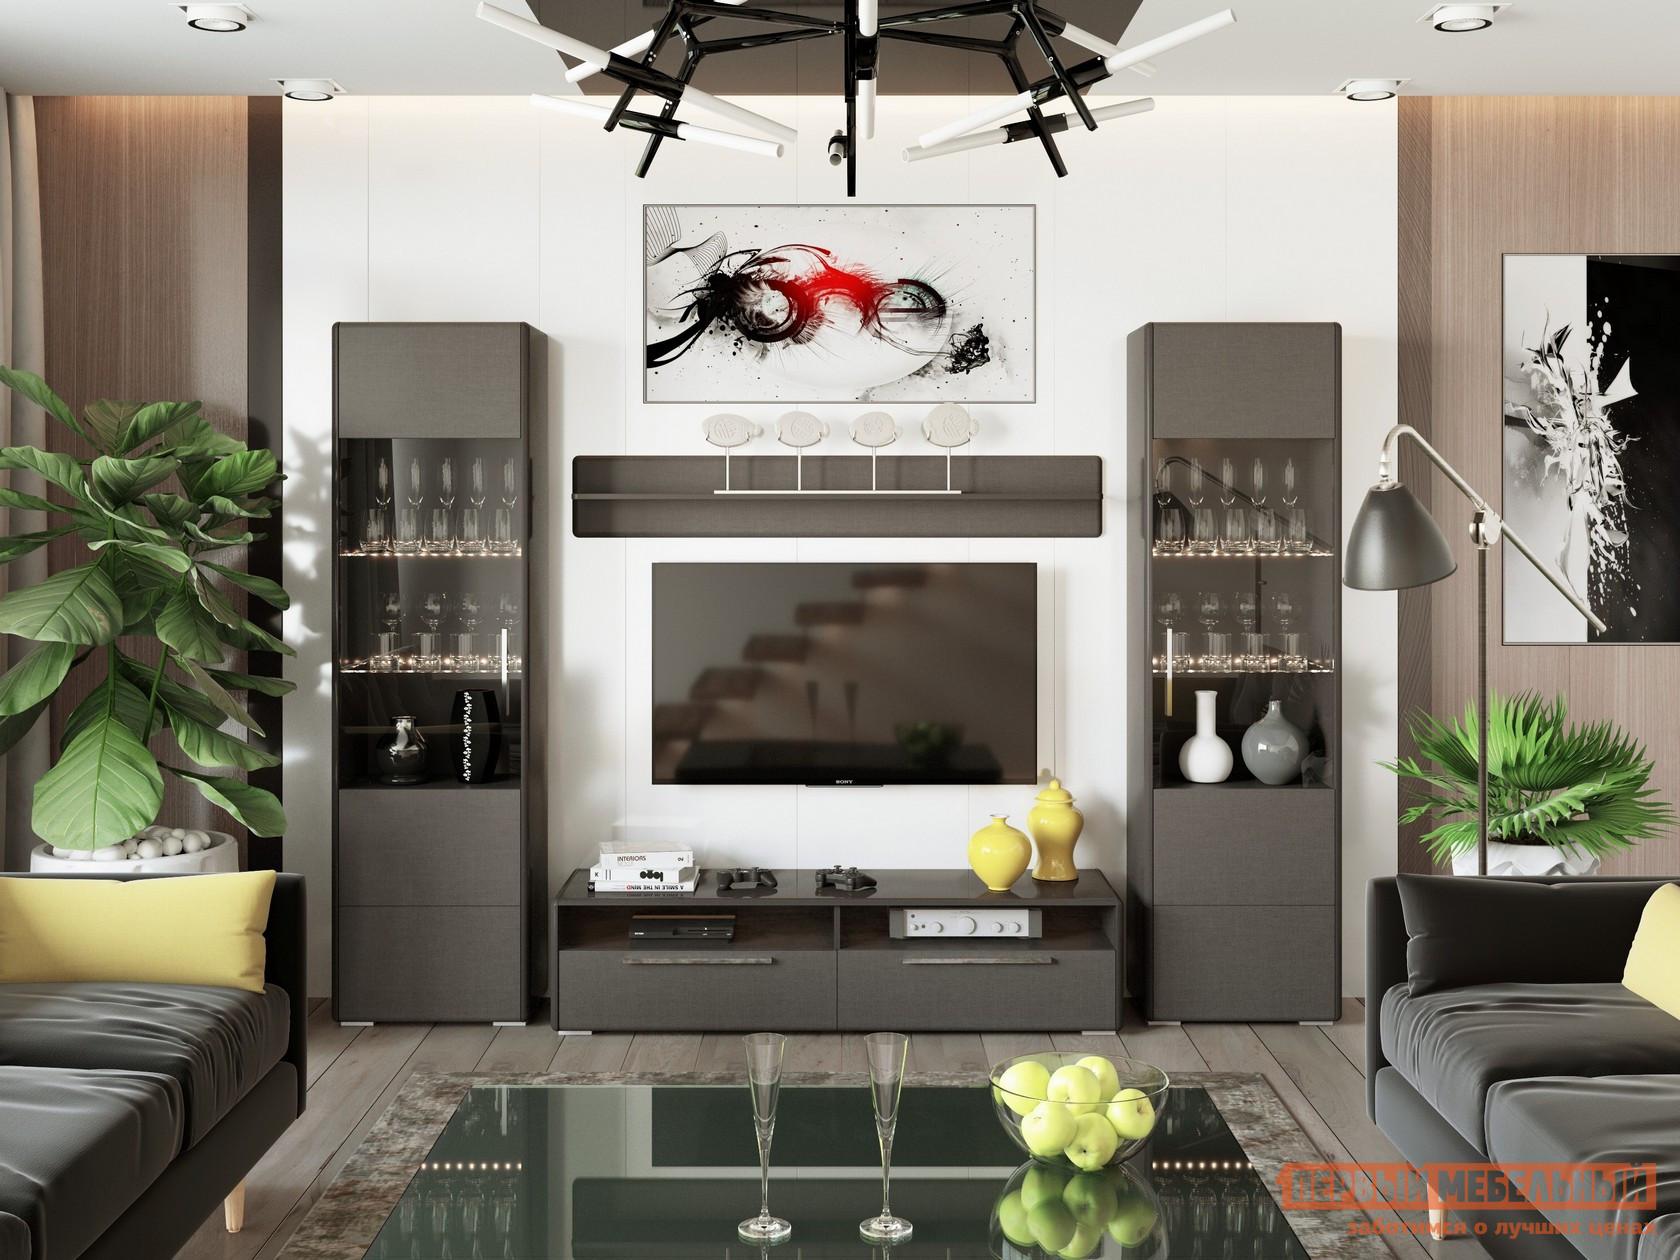 Стенка для гостиной ТриЯ ГН-208.106 стенка для гостиной трия ривьера гн 241 202 набор мебели для гостиной 2